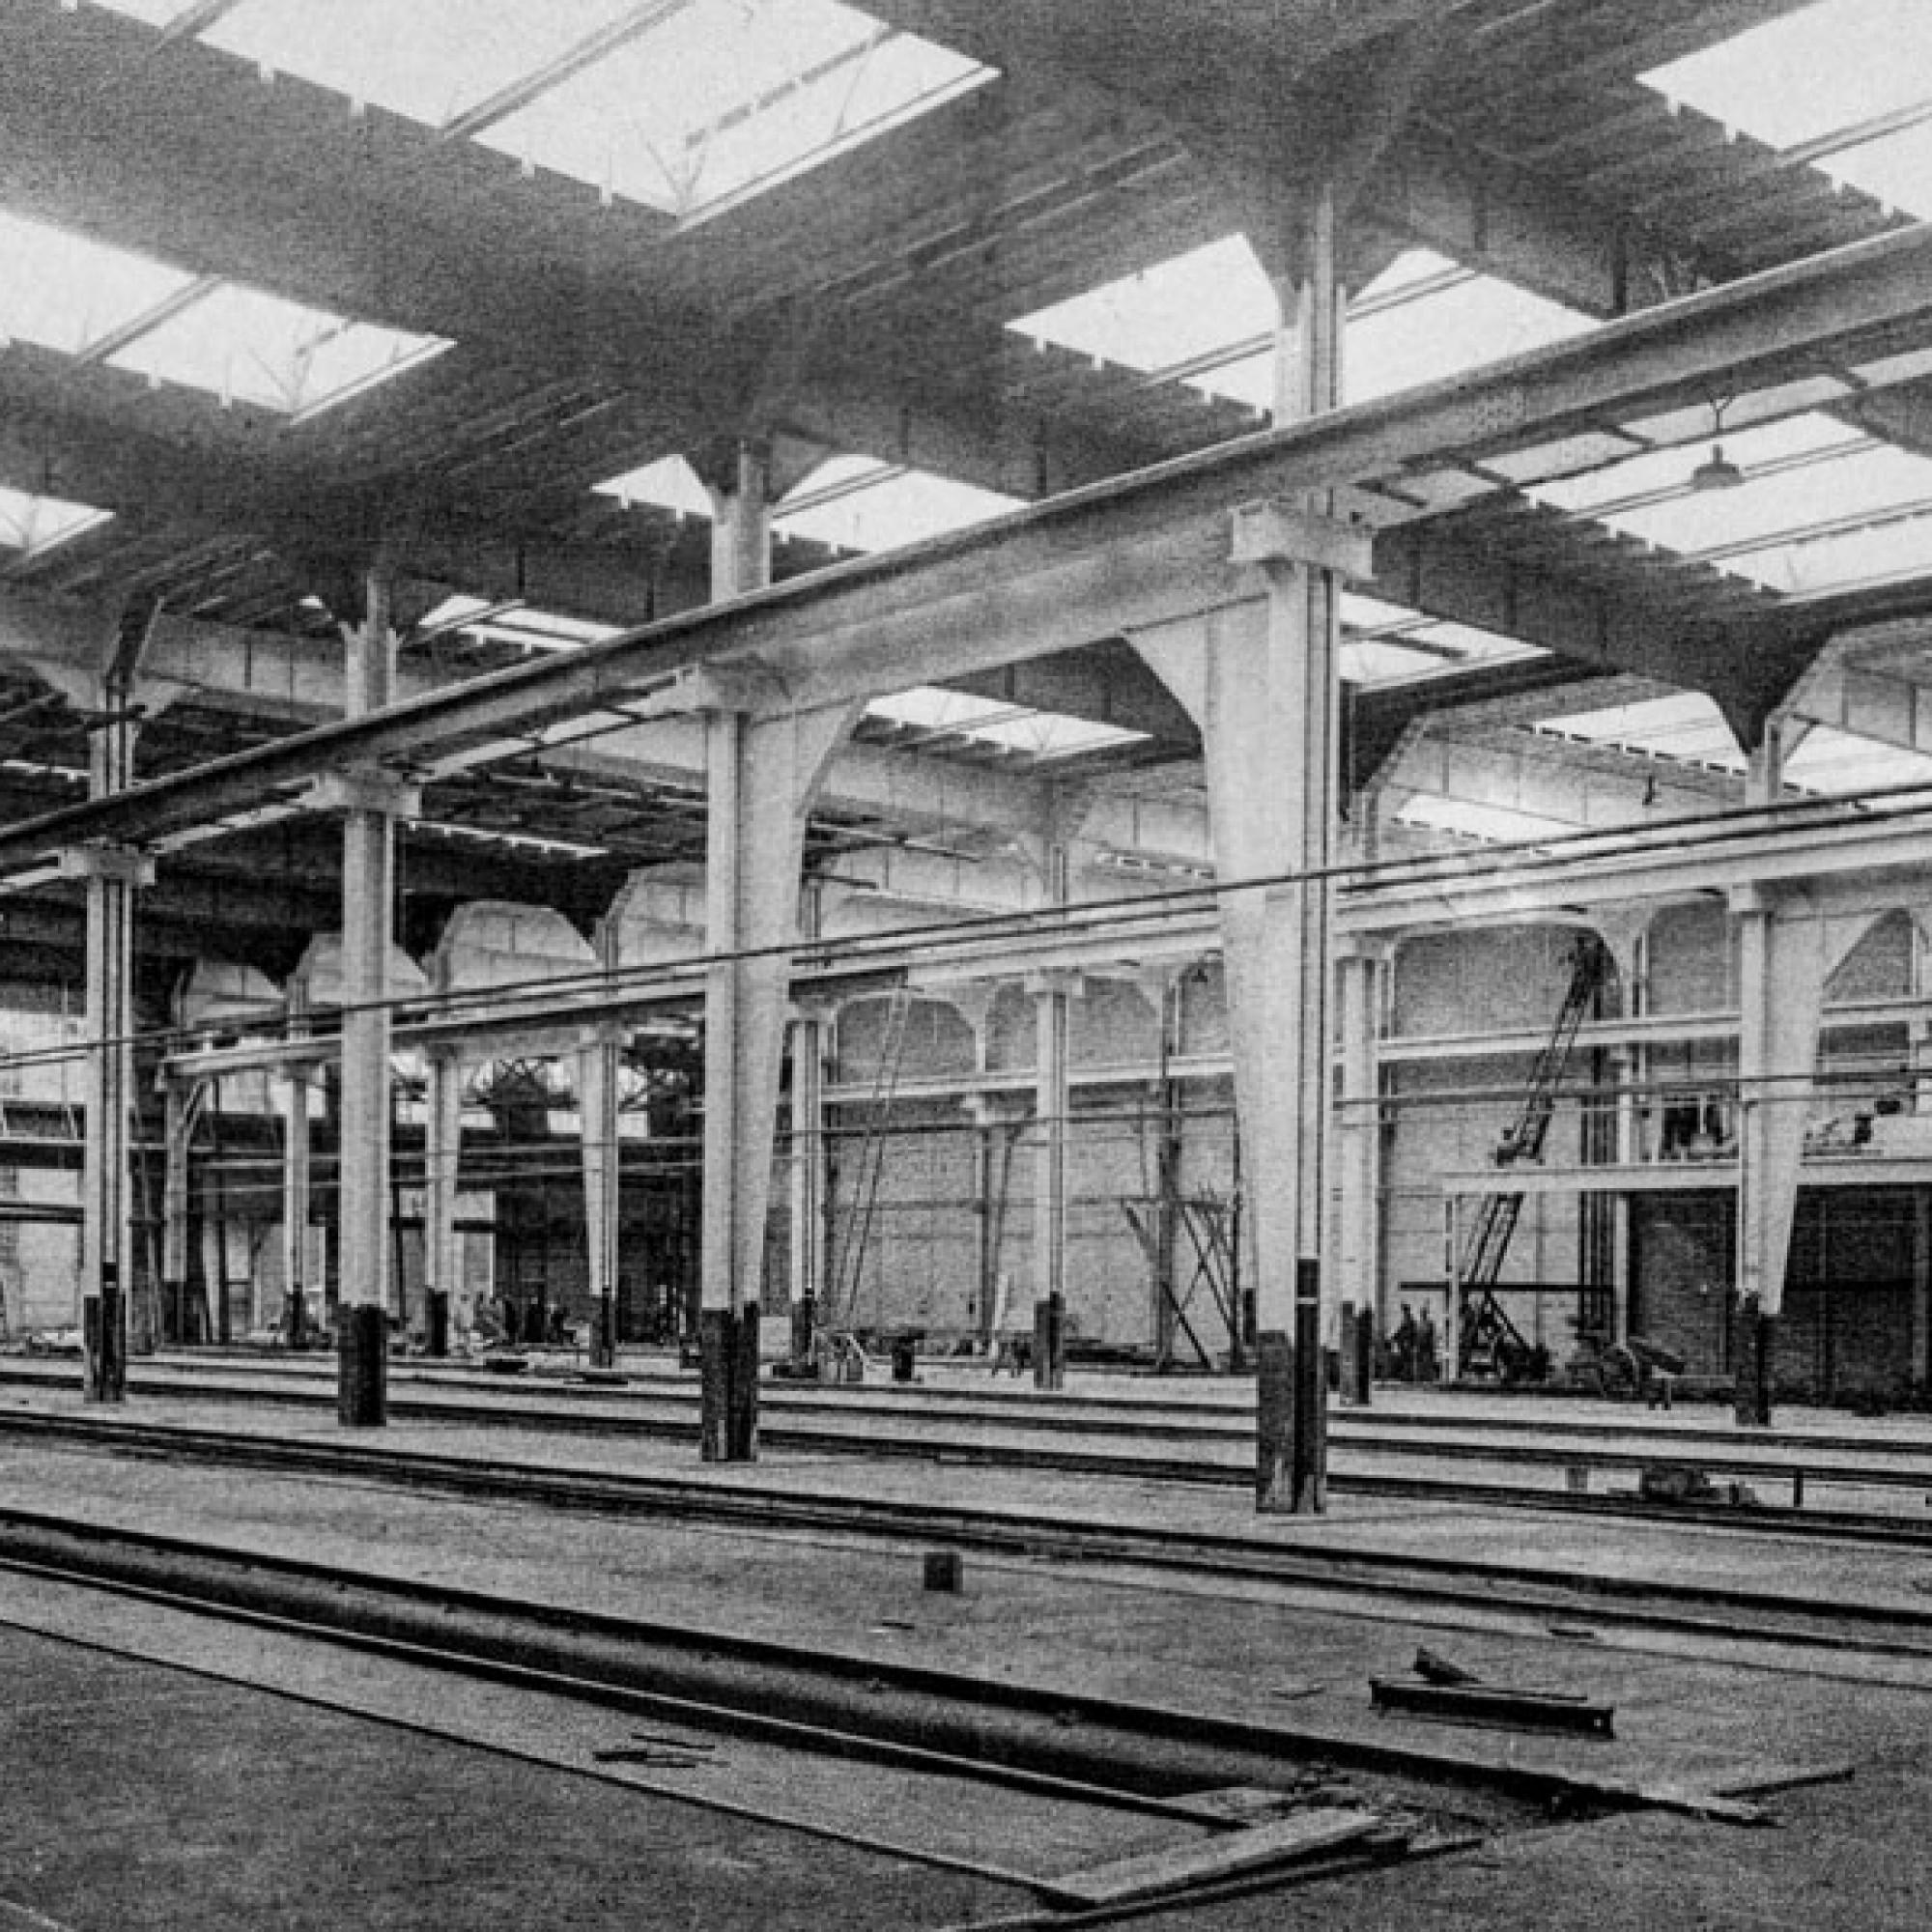 Eine fertiggestellte neue Halle der Waggonfabrik.